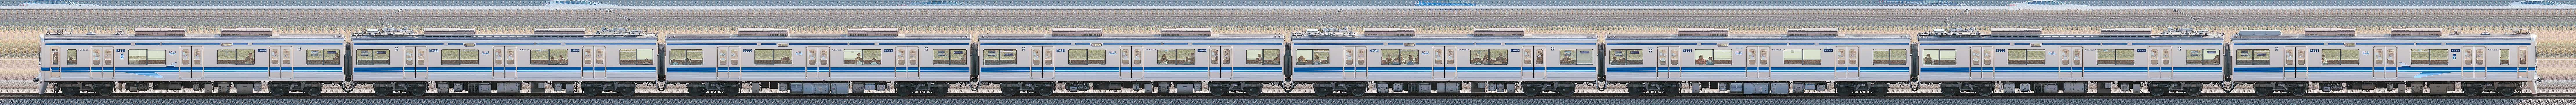 北総7800形7828編成(集電装置・補助電源装置交換後/山側)の編成サイドビュー